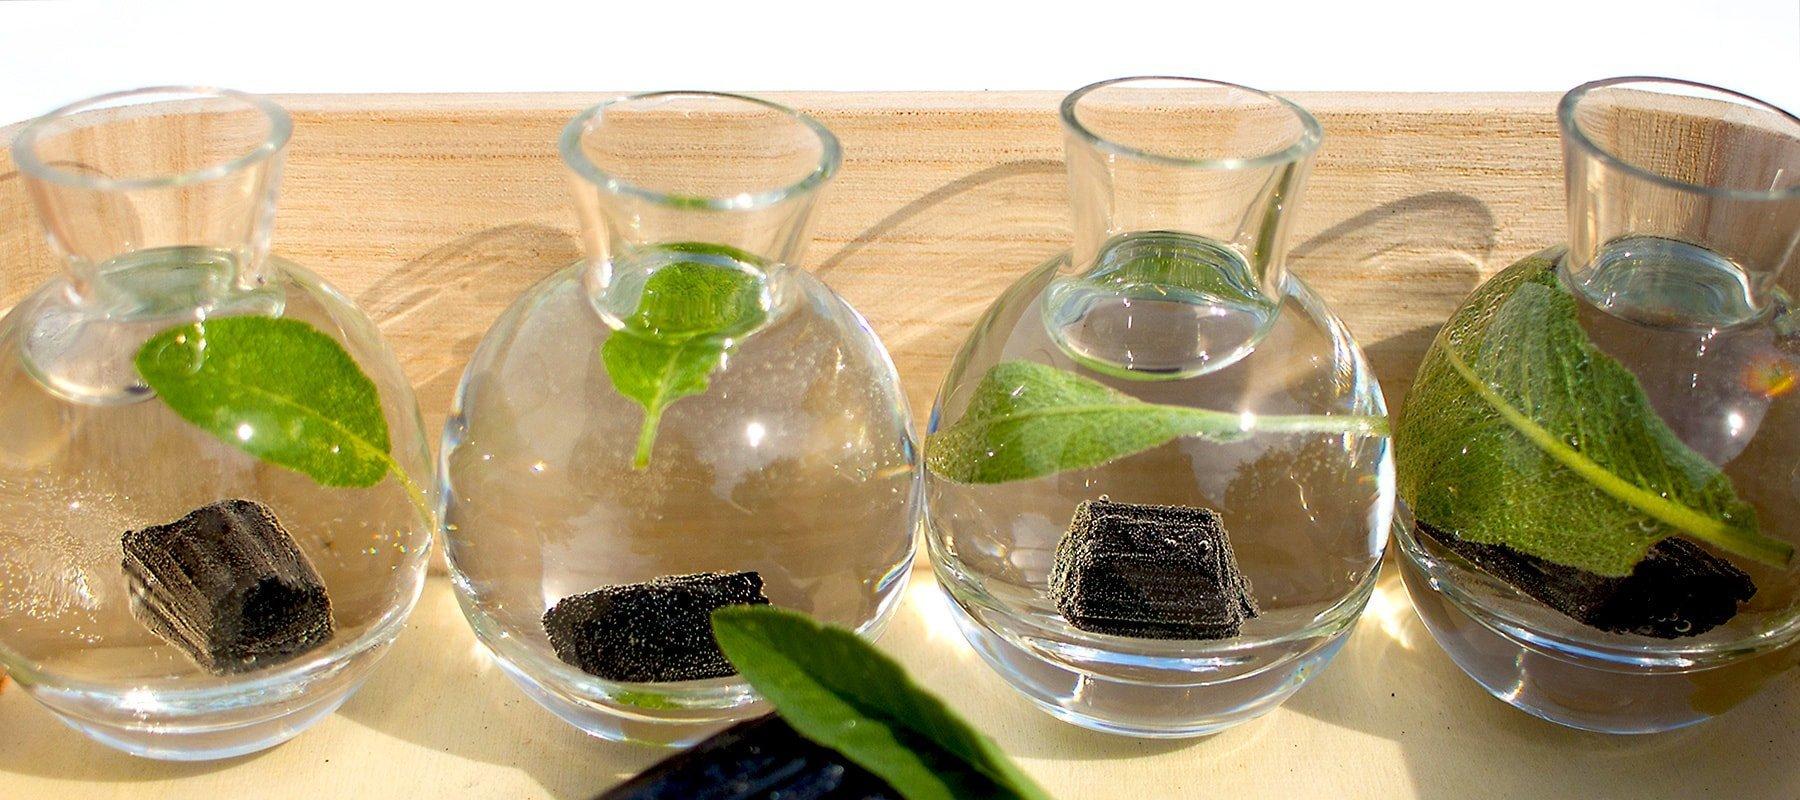 Turmalin-Wasser mit Salbei für die 4 Ecken